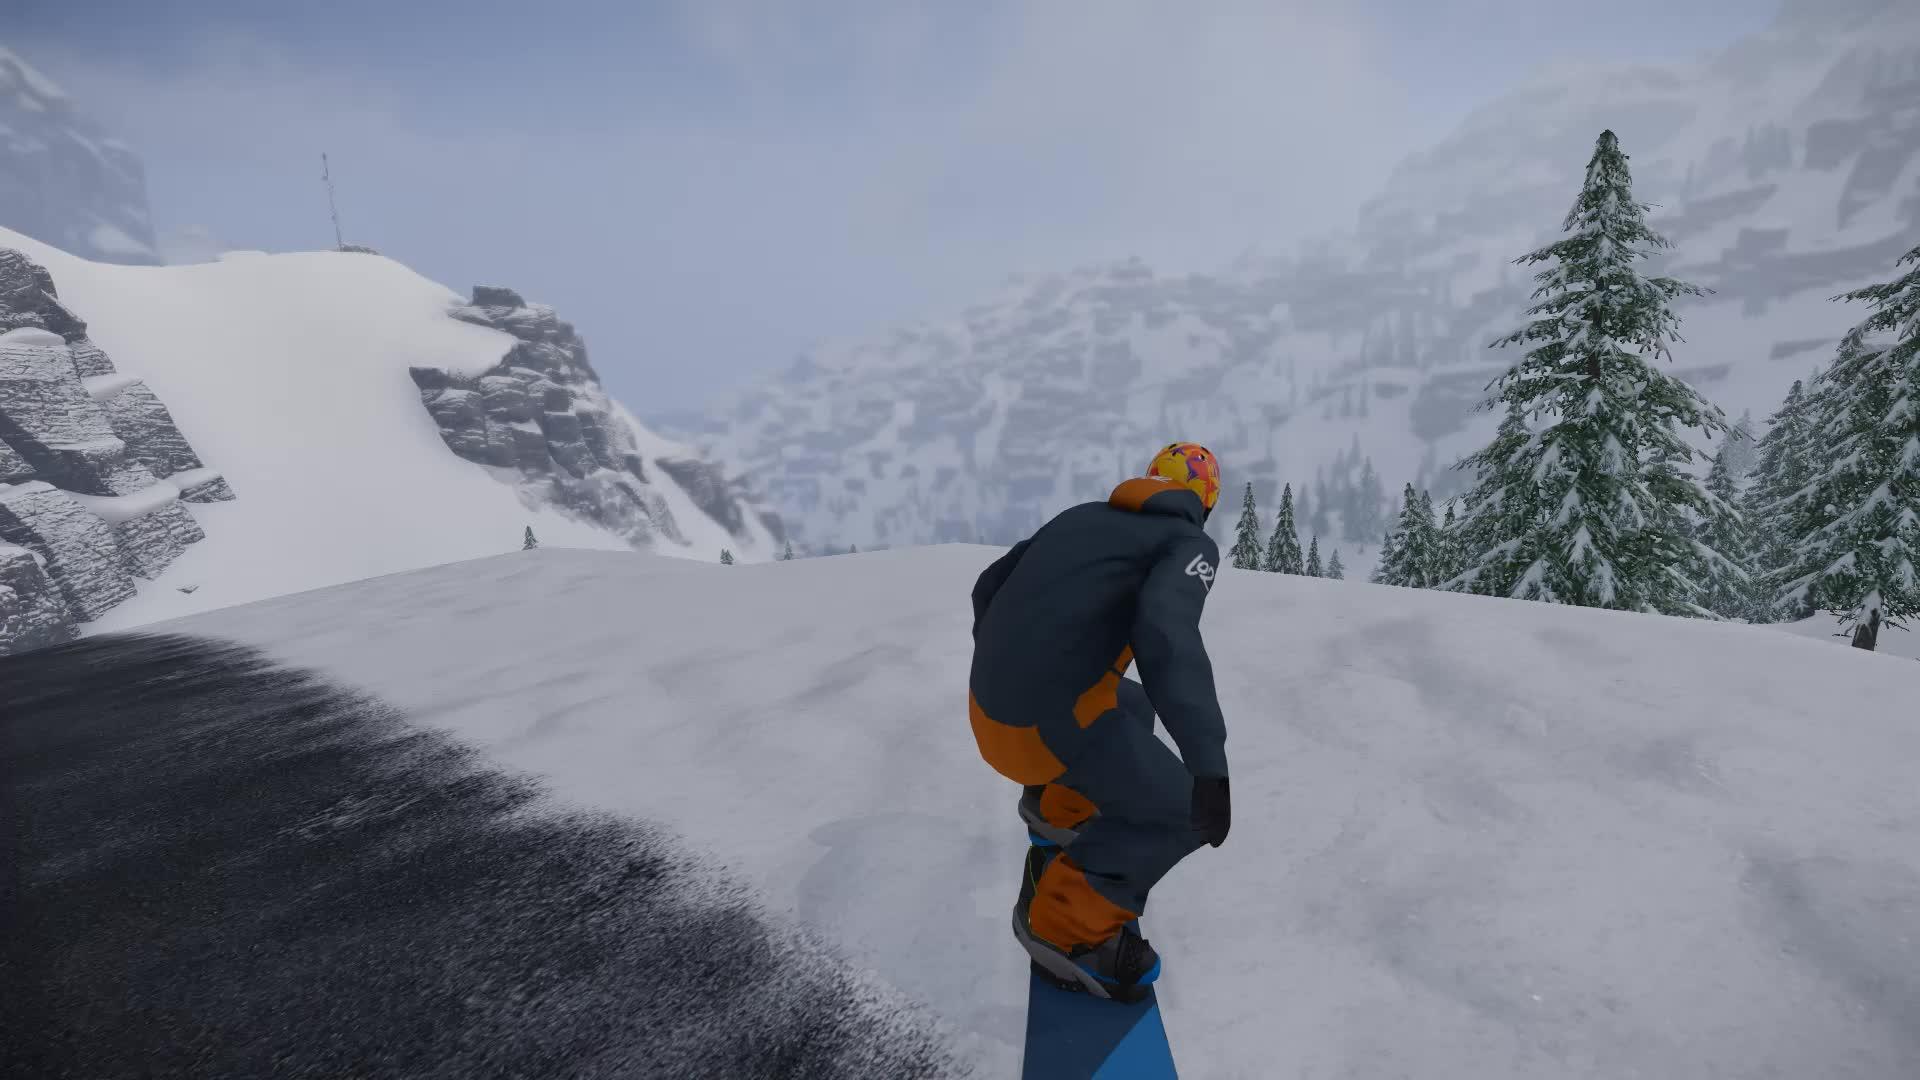 SNOW, SNOWthegame, Boing GIFs